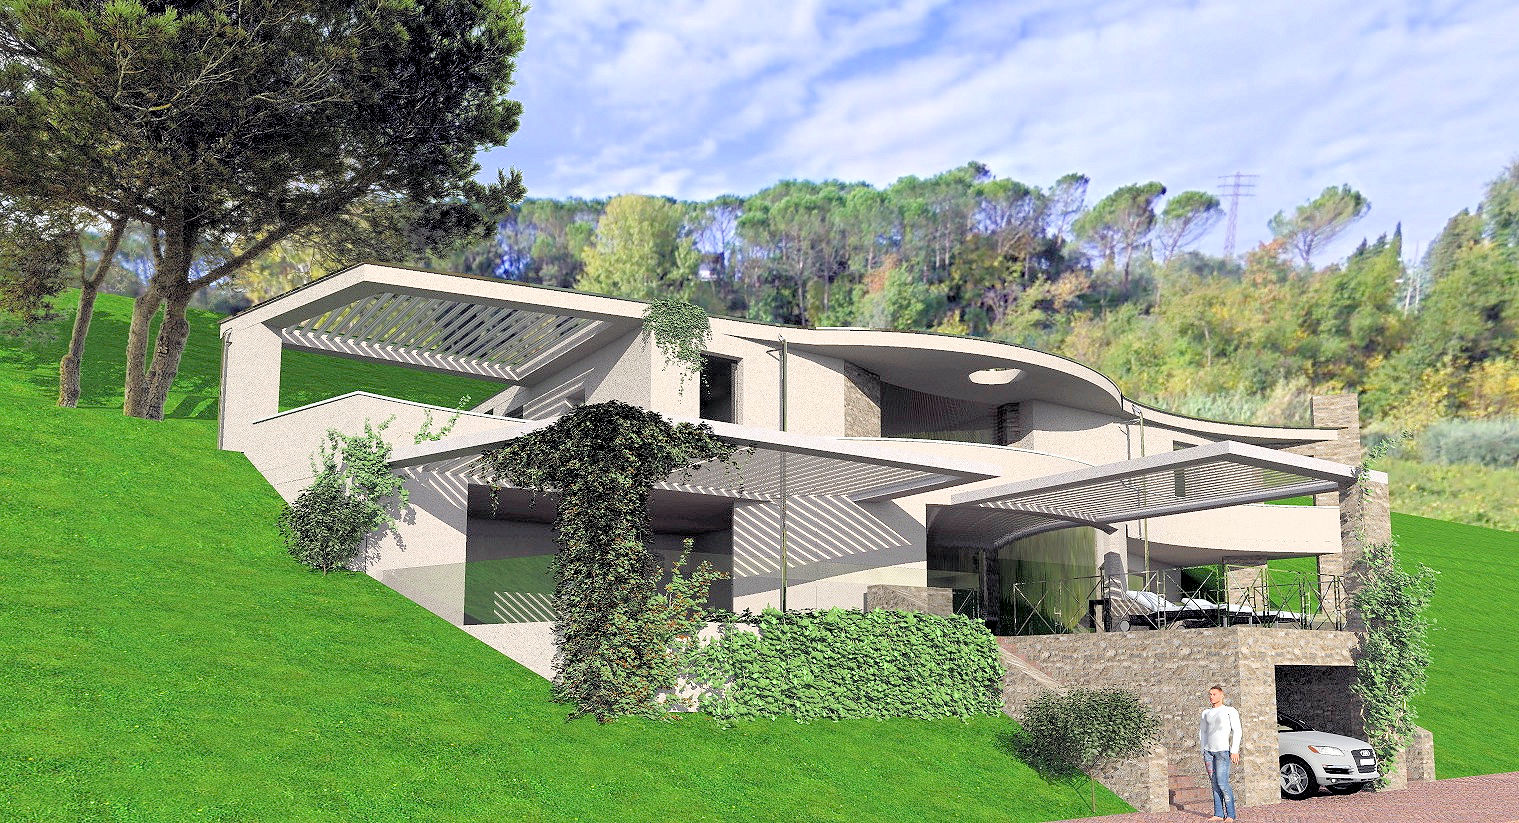 Terreno Edificabile Residenziale in vendita a Buggiano, 9999 locali, zona Località: BorgoaBuggiano, prezzo € 159.000   CambioCasa.it